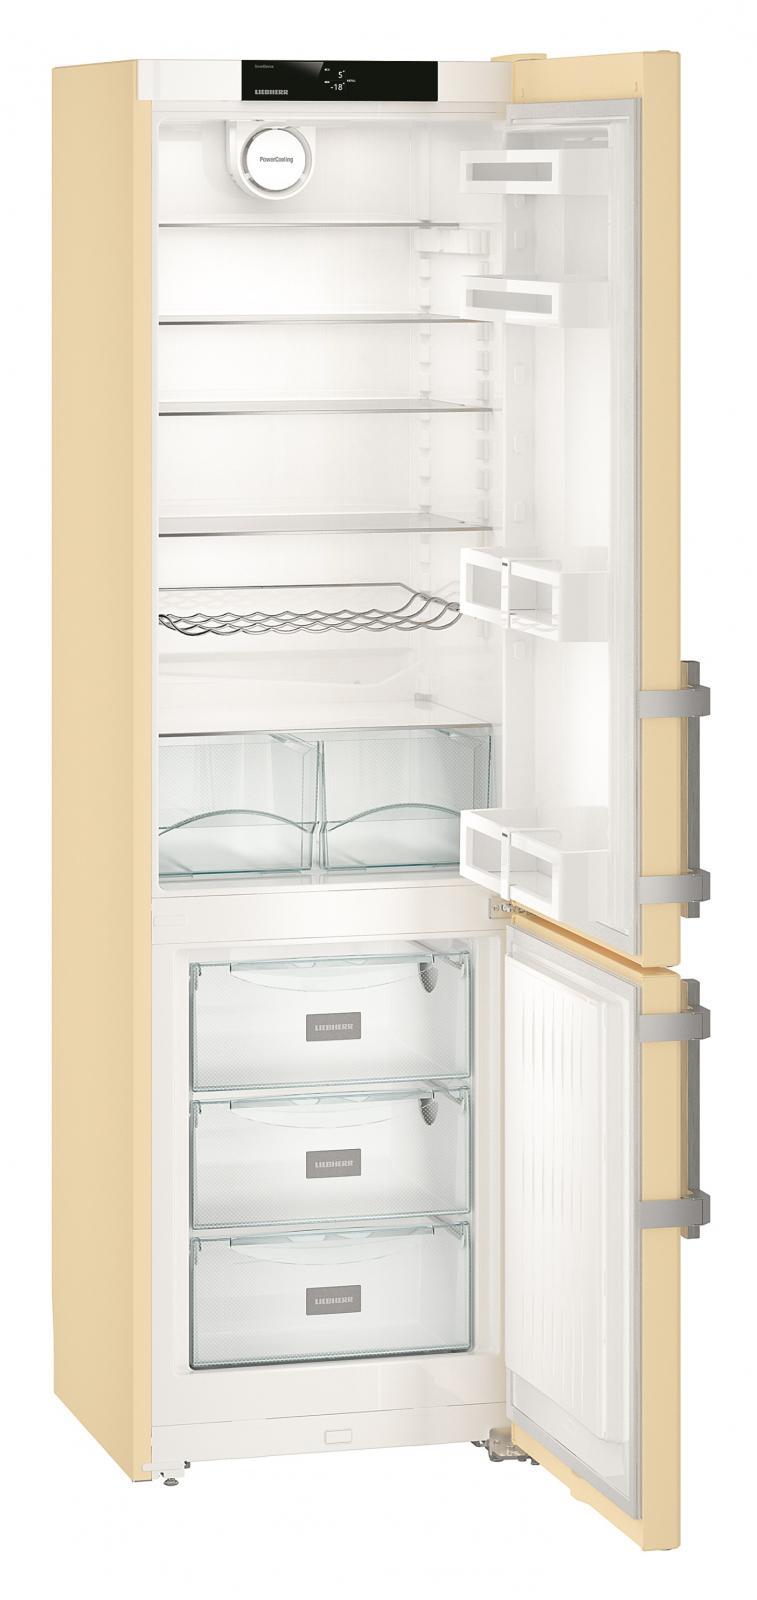 купить Двухкамерный холодильник Liebherr Cbe 4025 Украина фото 4